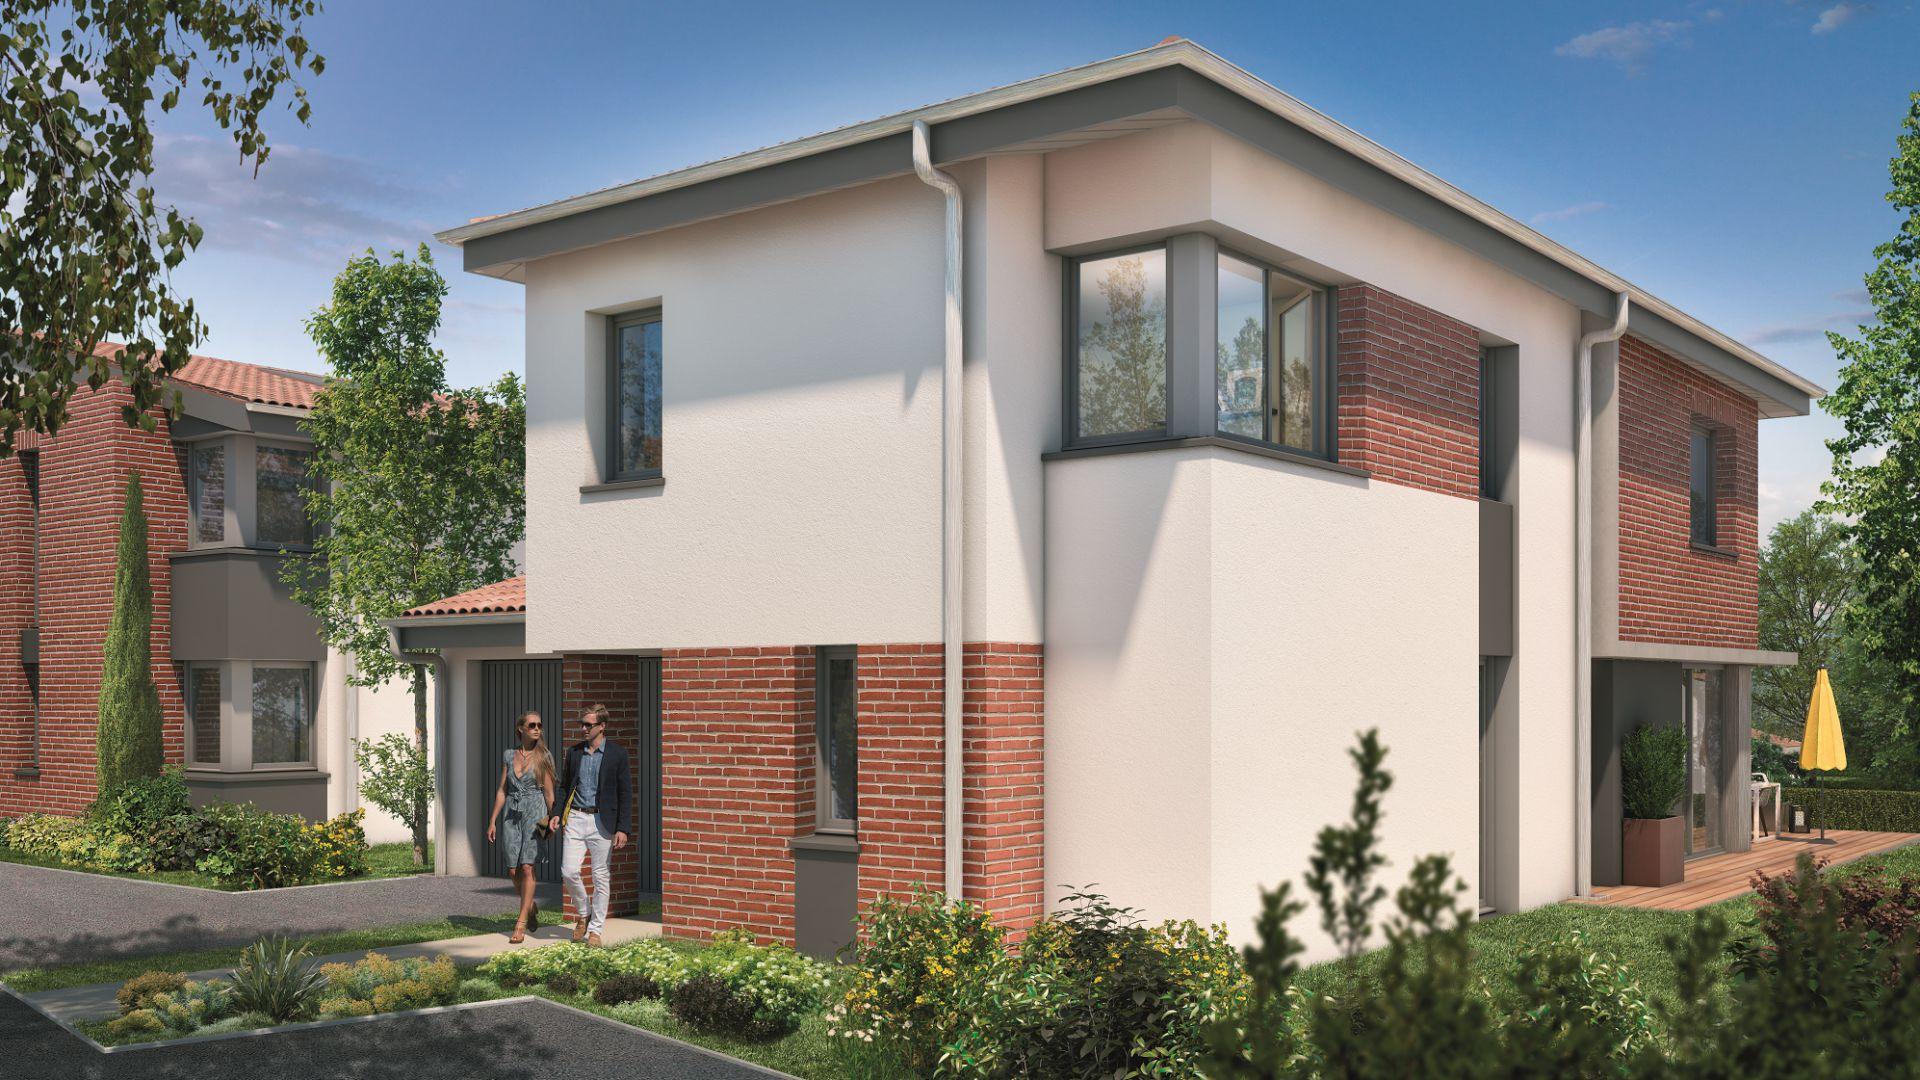 Greencity Immobilier - Villas Valéria - 31320 Auzeville - Villas 4 neuves T6 - appartements neufs T2-T3